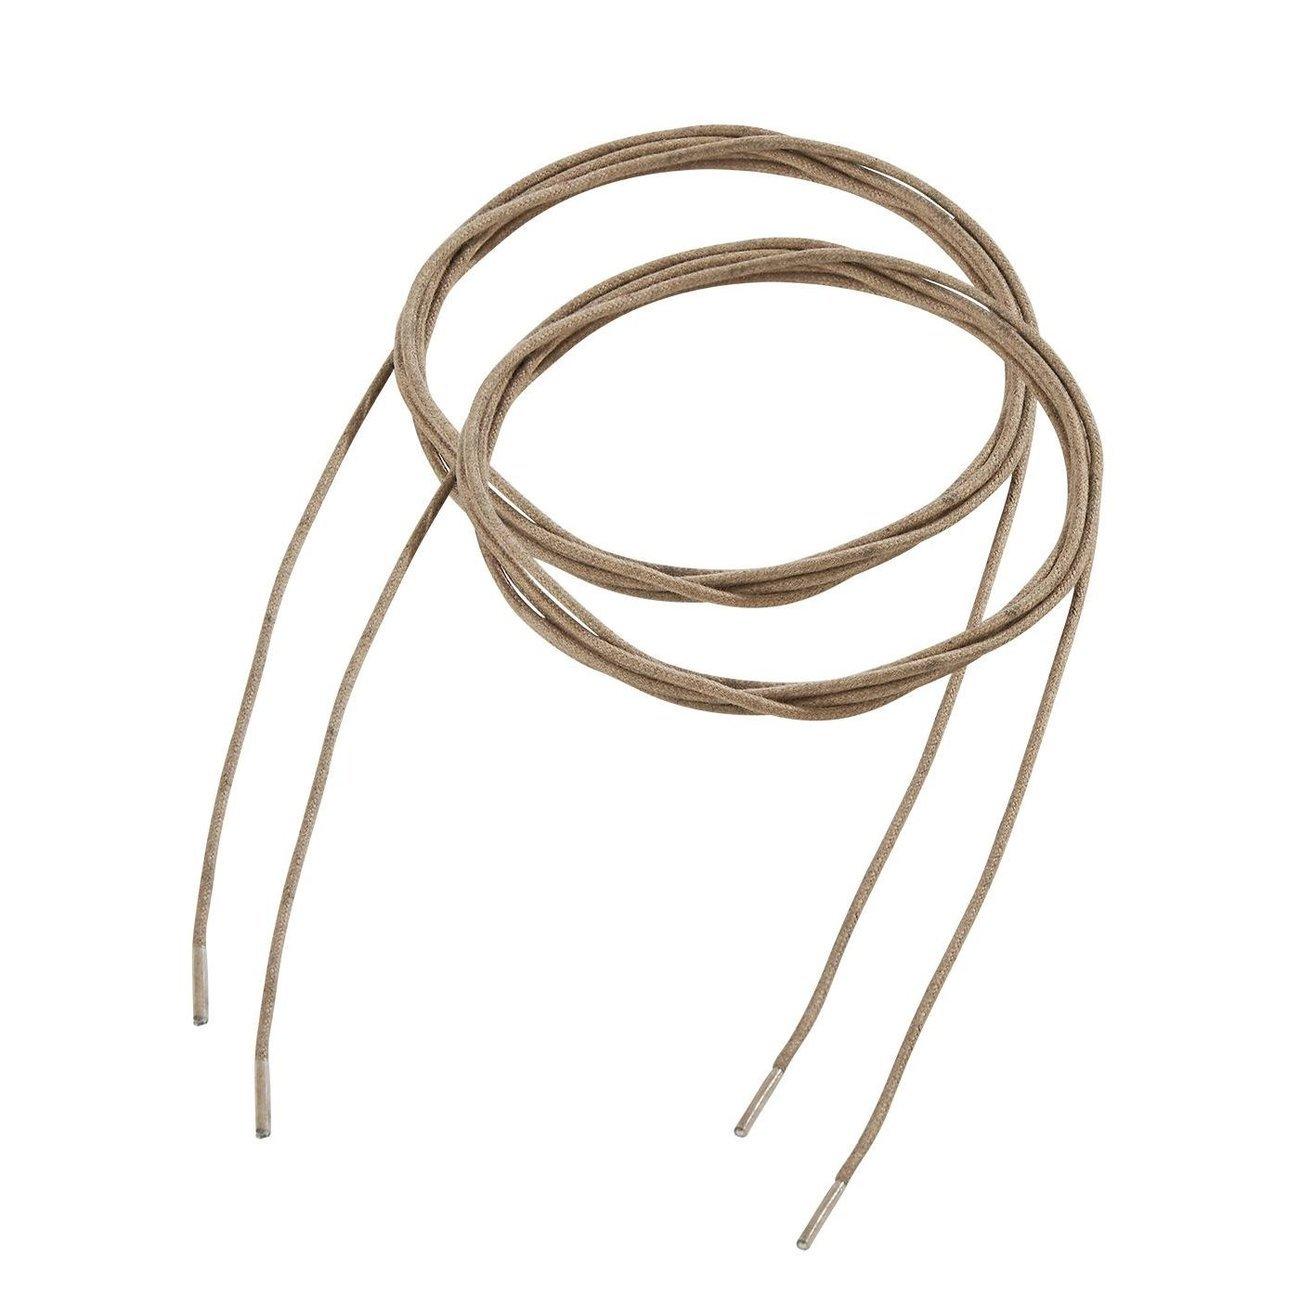 BUSSE Schnürsenkel Laval, Länge 260 cm, beige